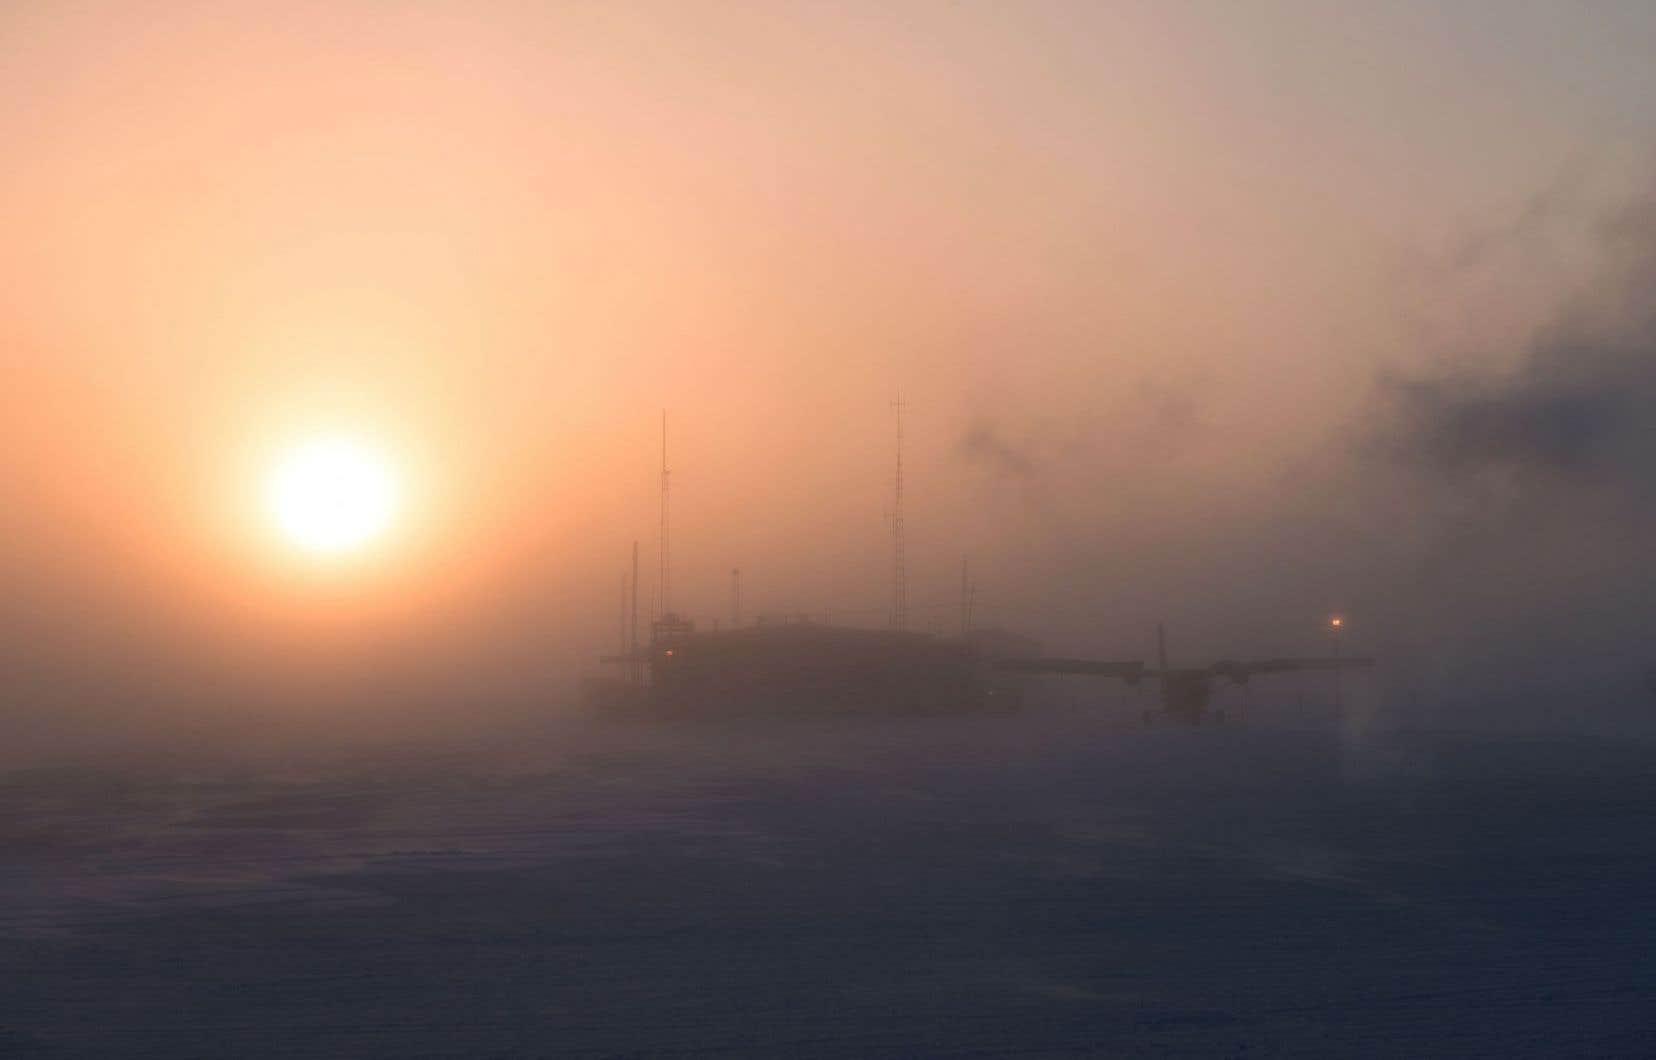 Le blizzard a forcé l'annulation de plusieurs opérations de l'armée canadienne, qui mène pendant un mois un entraînement hivernal avec quelque 220 soldats à Hall Beach, au Nunavut.